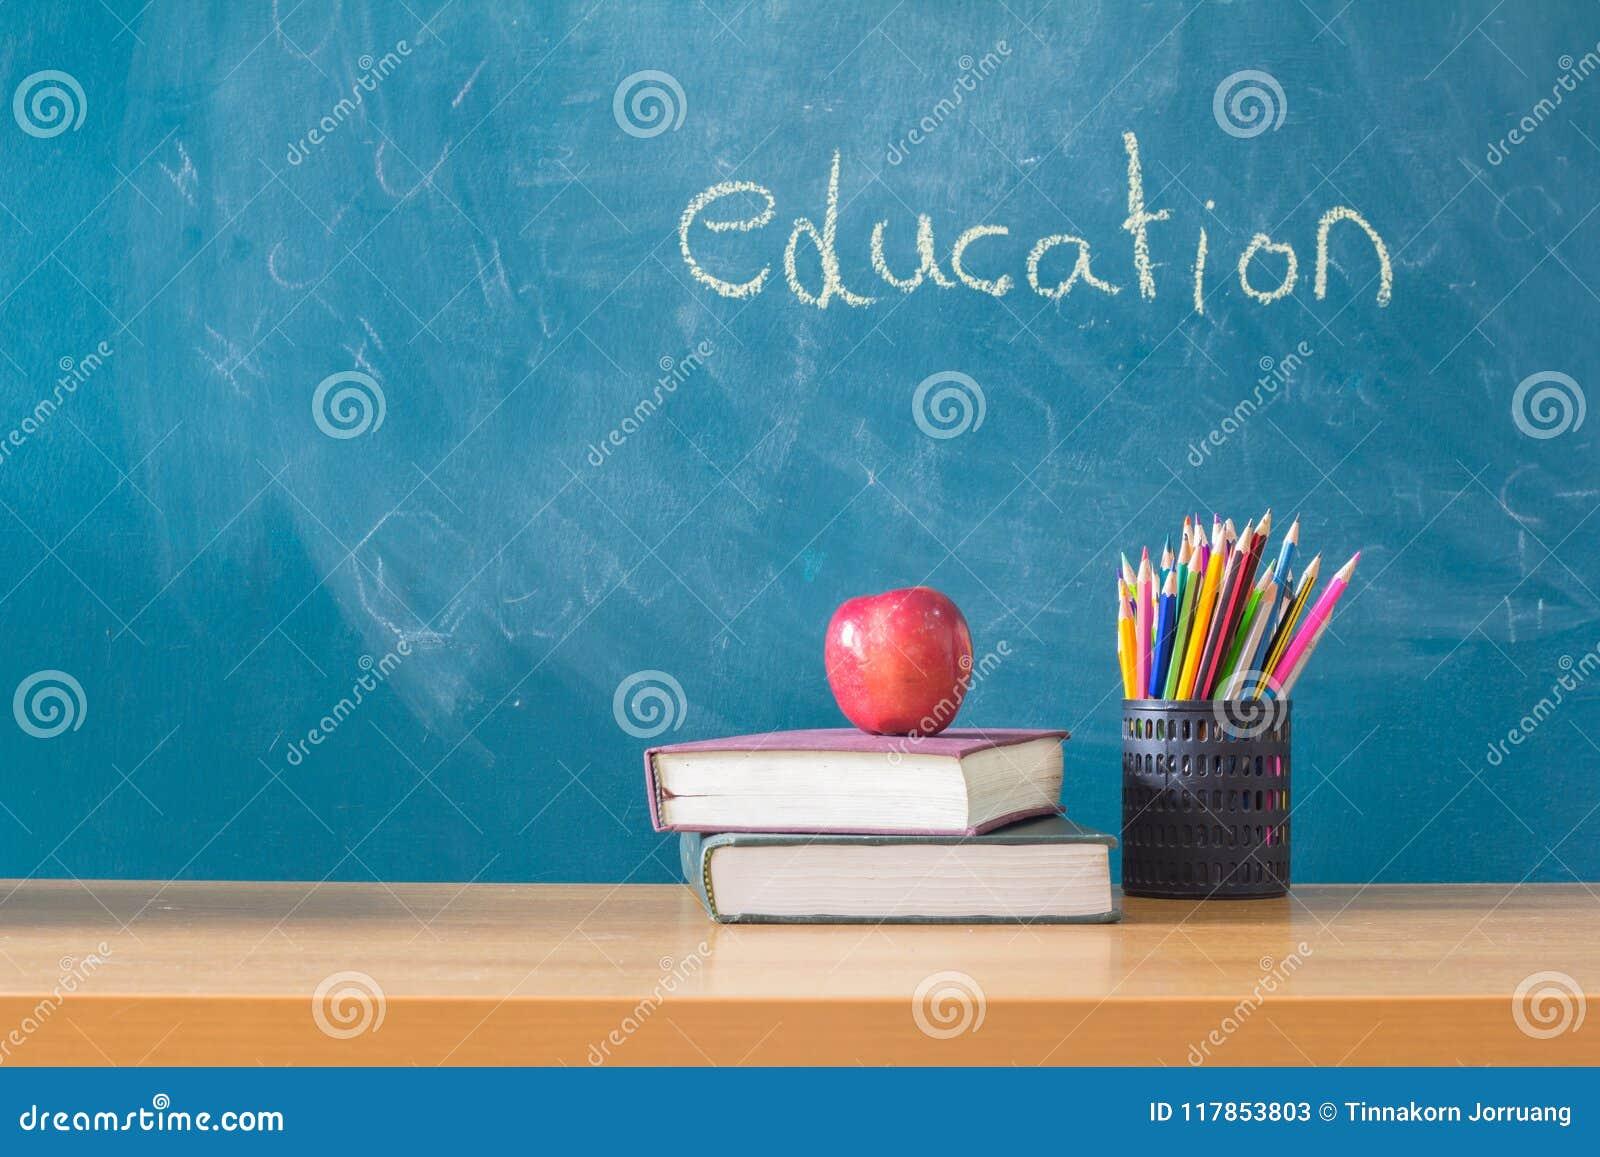 Skład materiały, książki i czerwony jabłko na biurku, Th